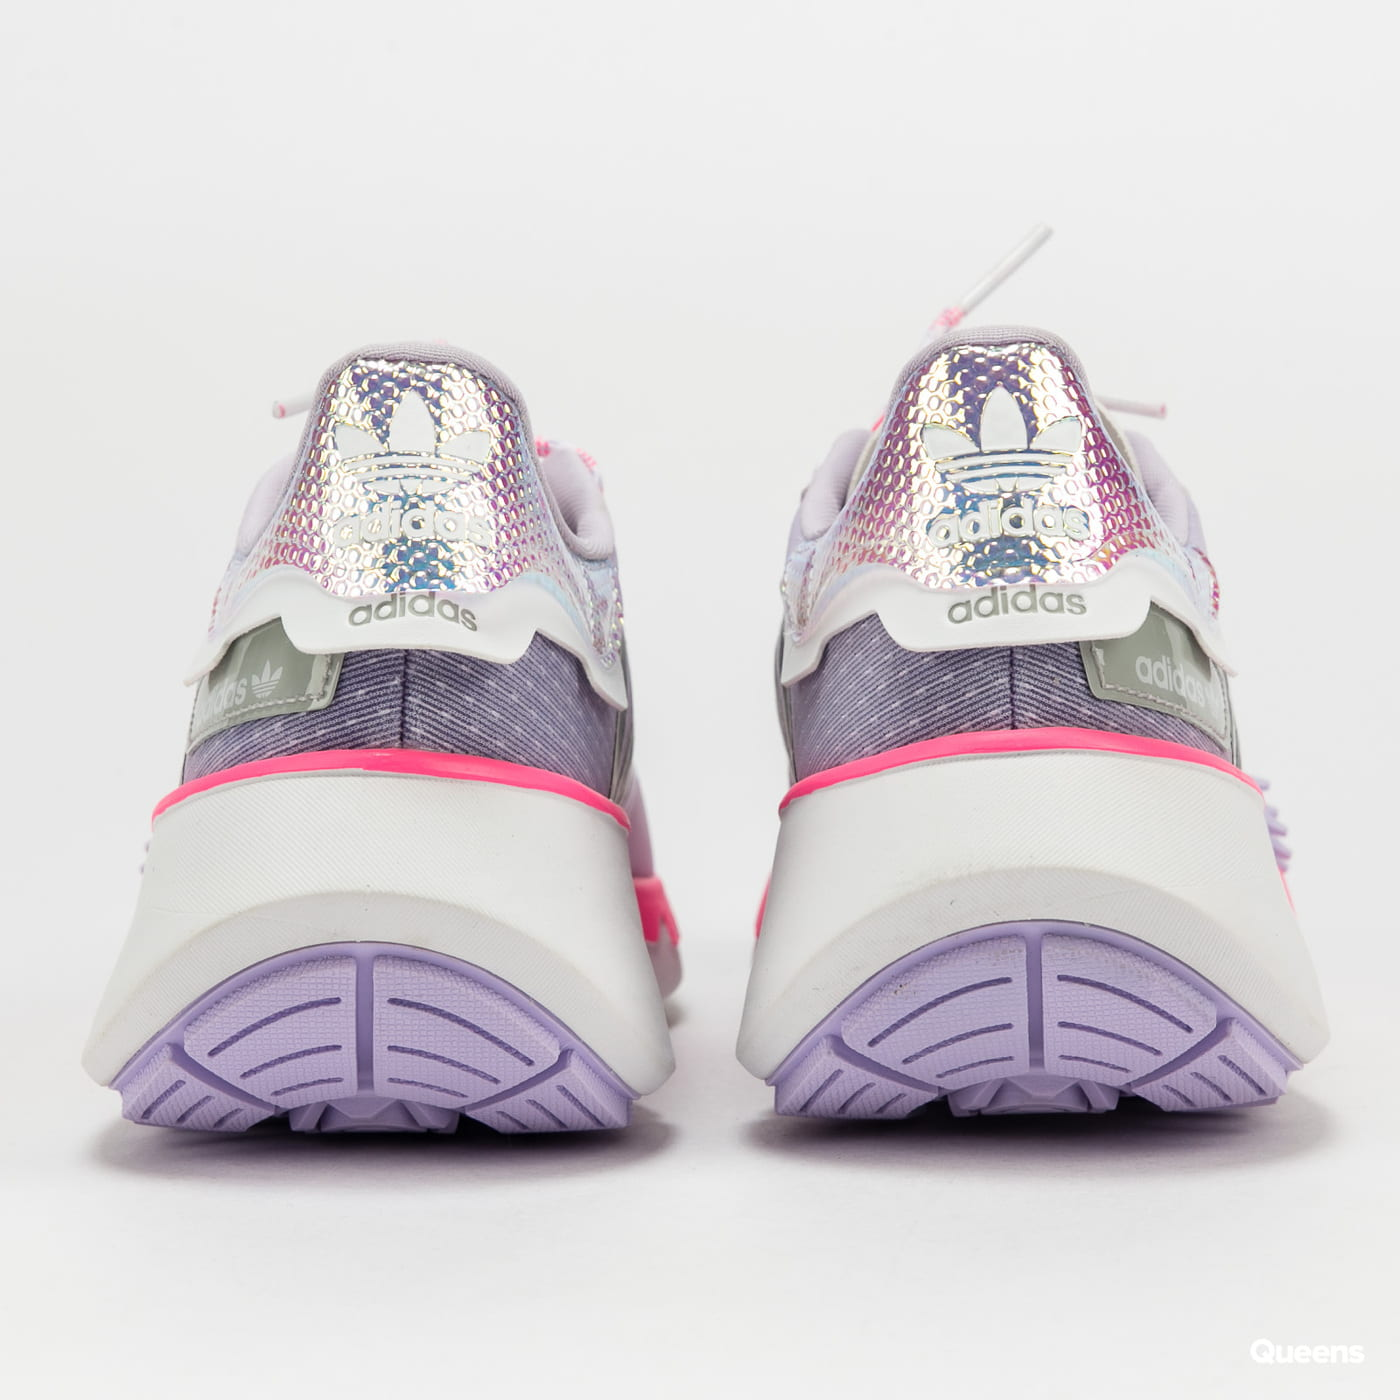 adidas Originals Choigo W prptnt / crenav / sopink